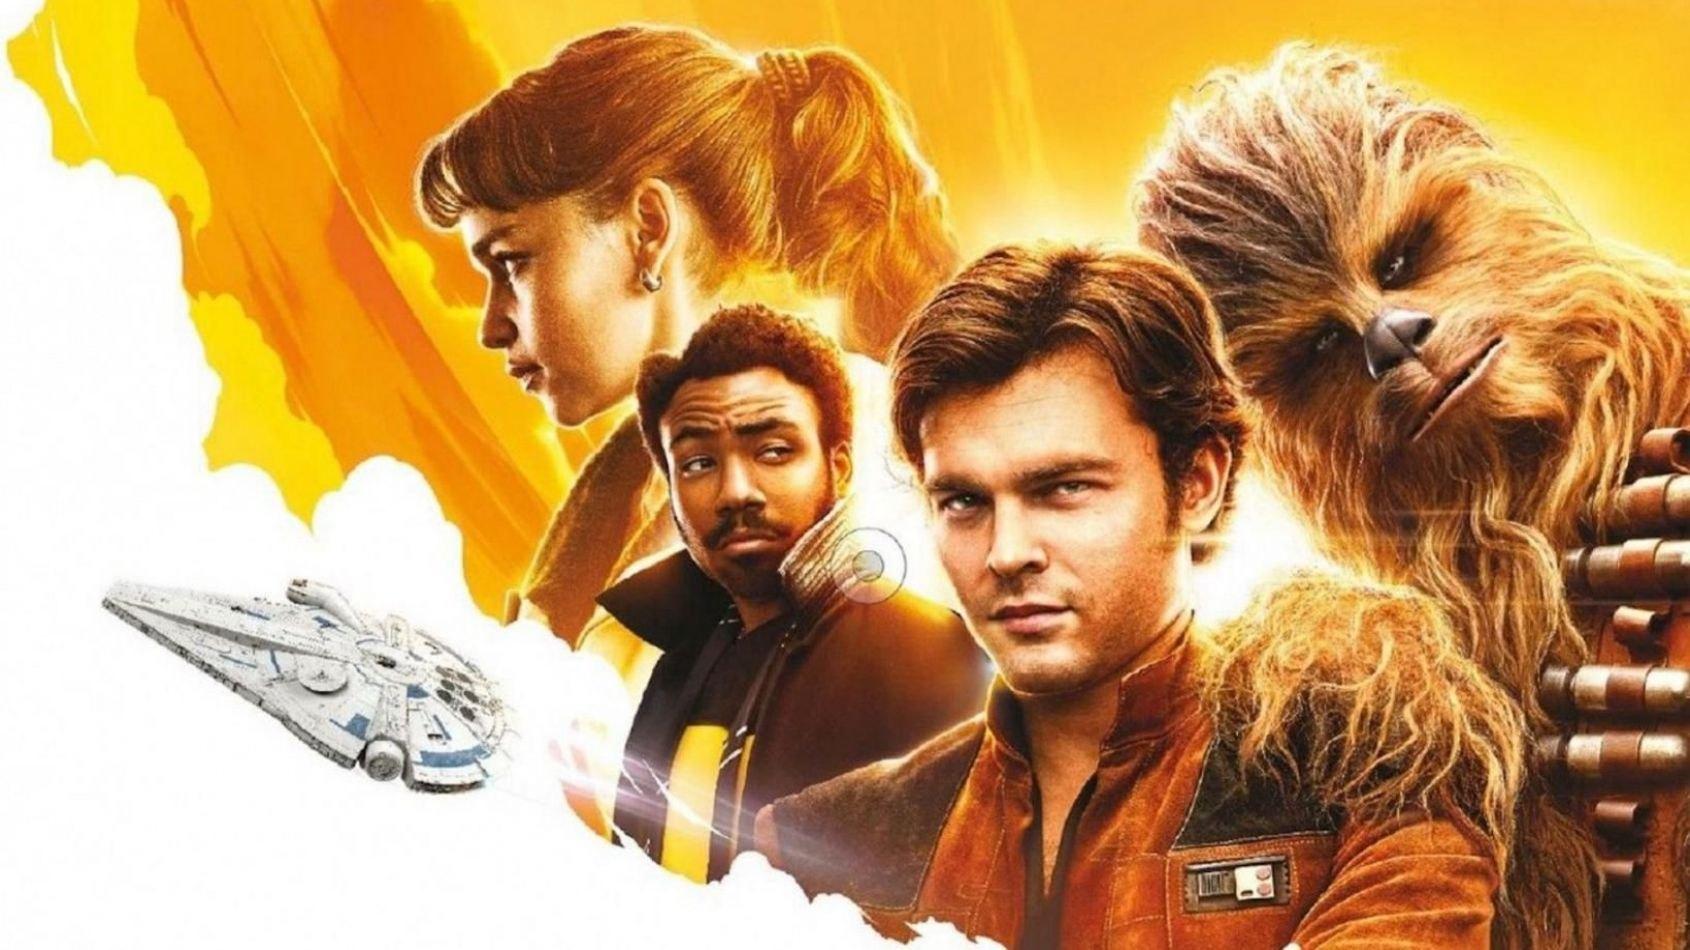 Des sets LEGO du spin-off sur Han Solo ont fuité !